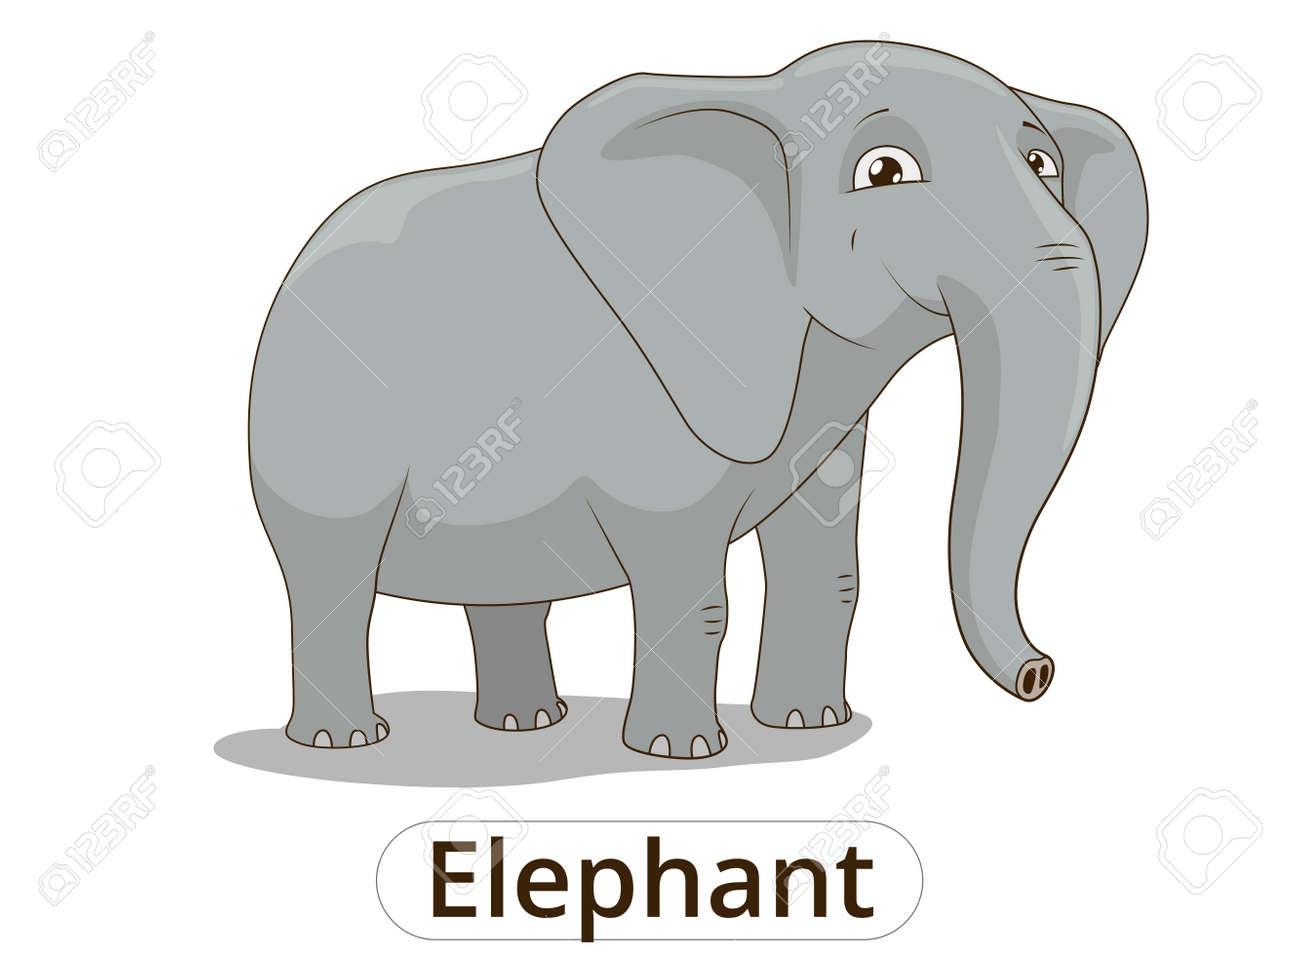 Ilustración De Dibujos Animados De Colores Vector De Elefante Africano De Sabana Para Los Niños